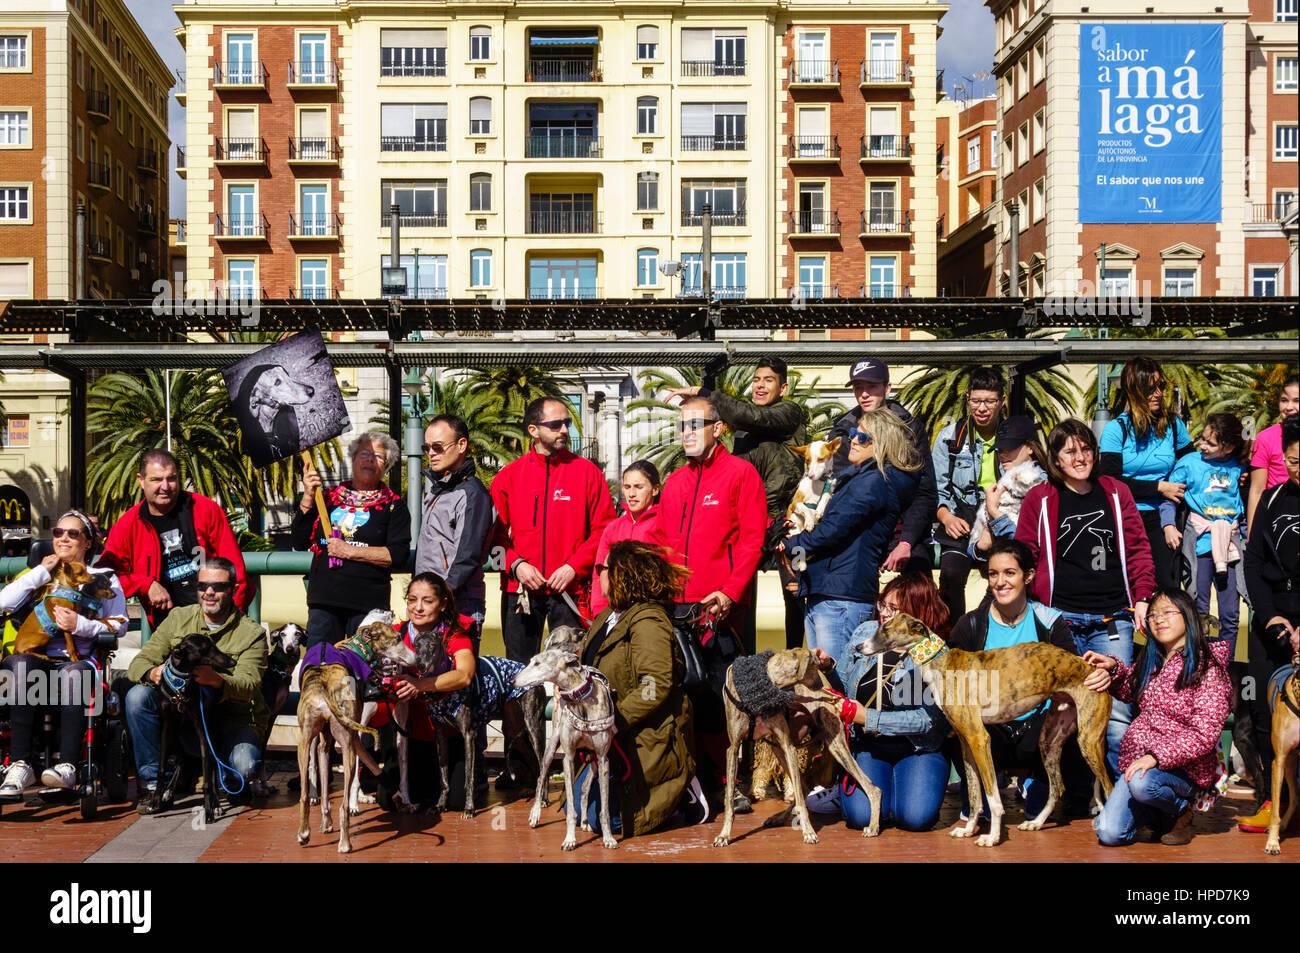 Greyhound Protest Galgos Espanol Galgos Español in Malaga, Spanien. 5. Februar 2017 Stockbild